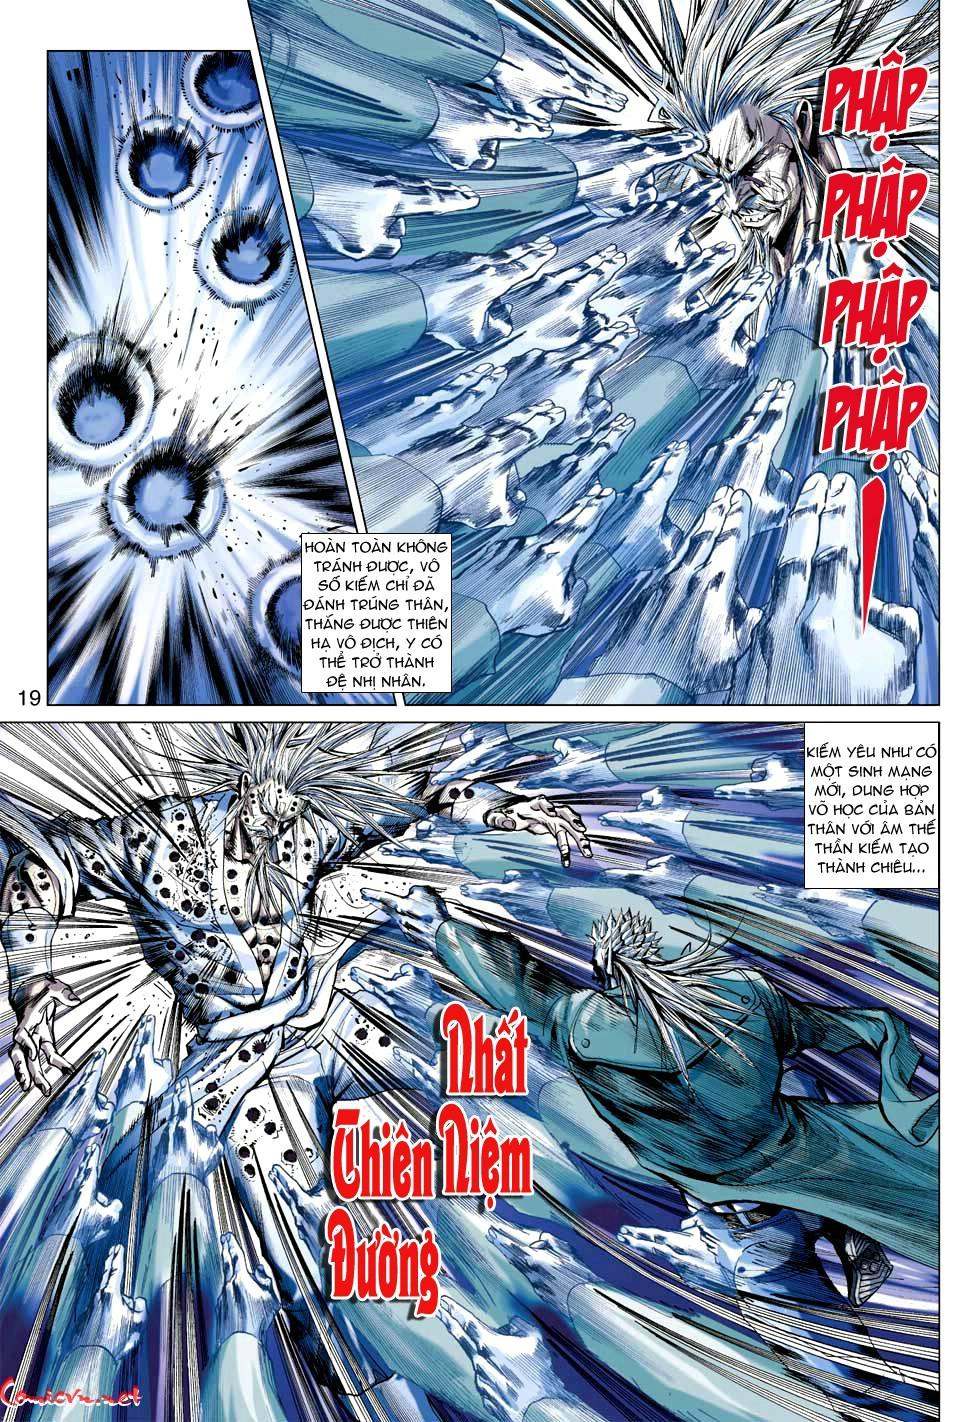 Vương Phong Lôi 1 chap 49 - Trang 20